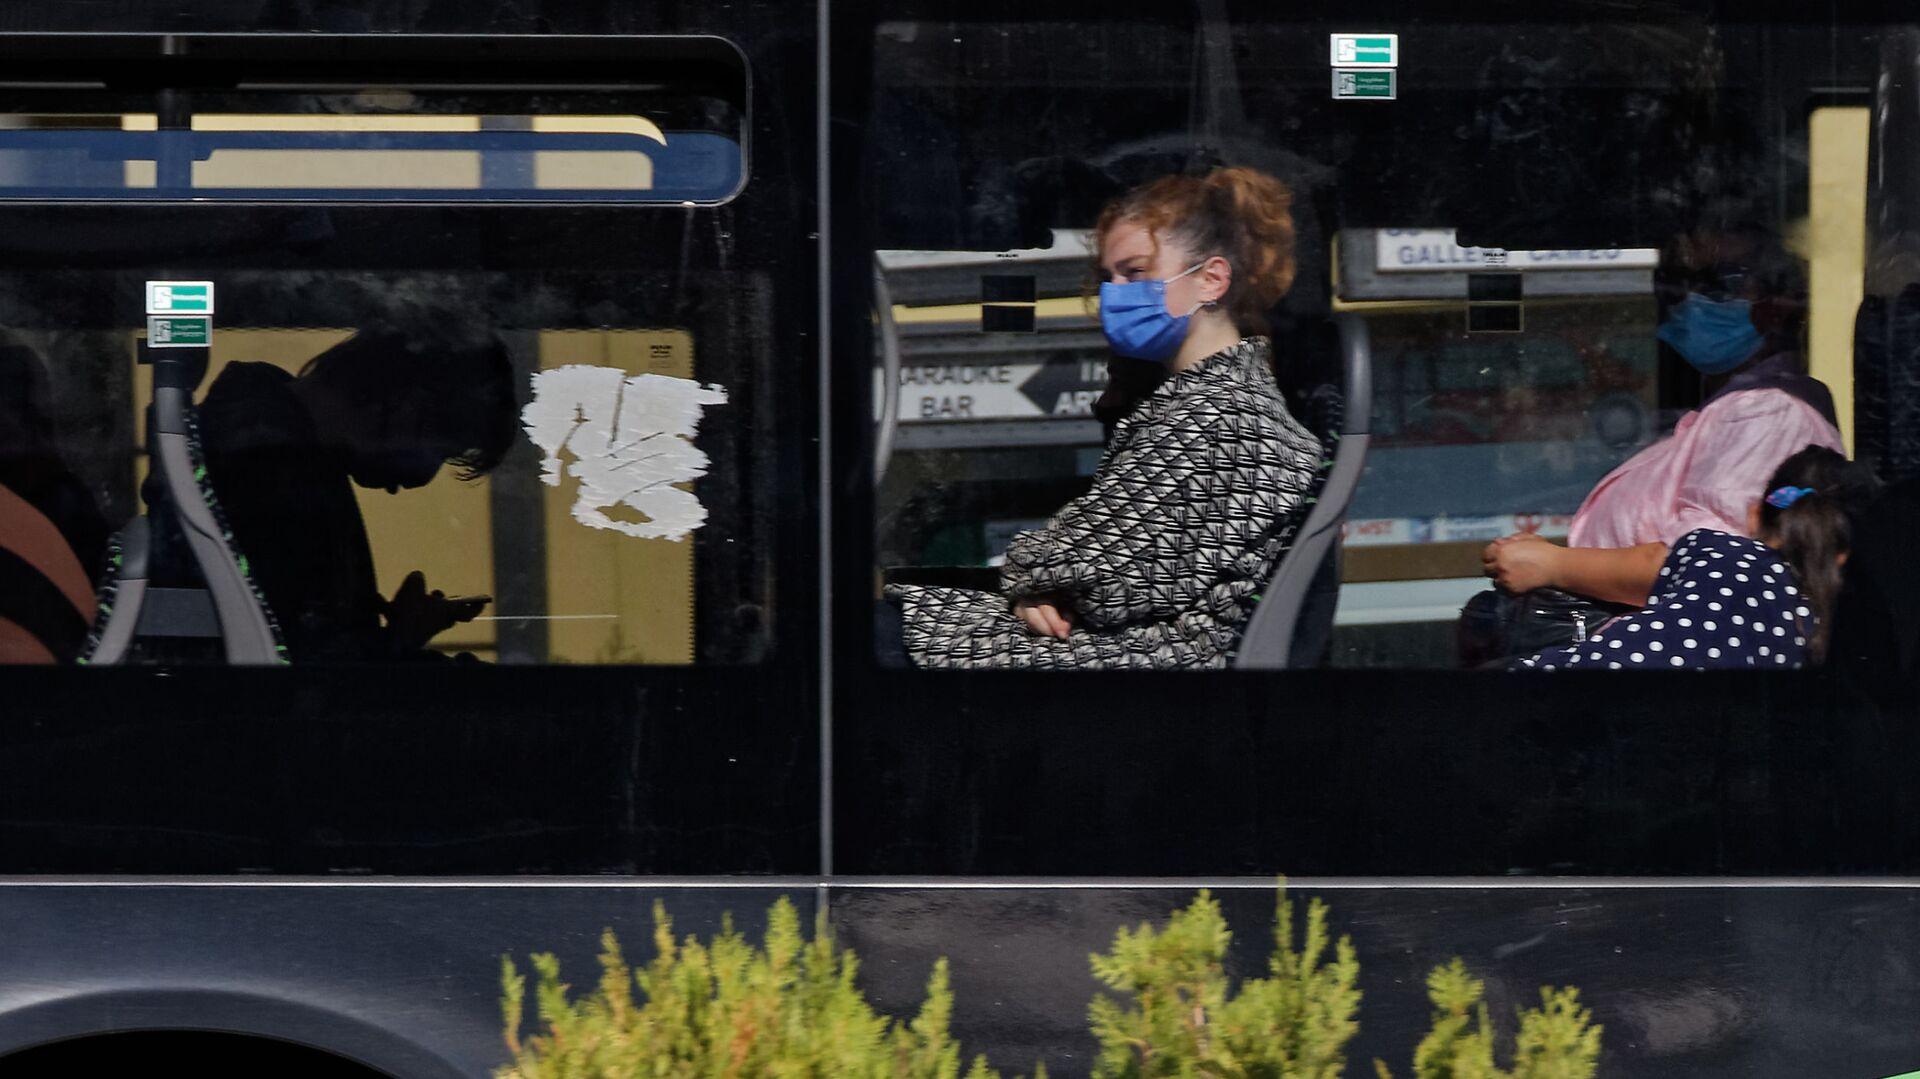 Пассажиры в автобусе в масках во время эпидемии коронавируса - Sputnik Грузия, 1920, 27.09.2021